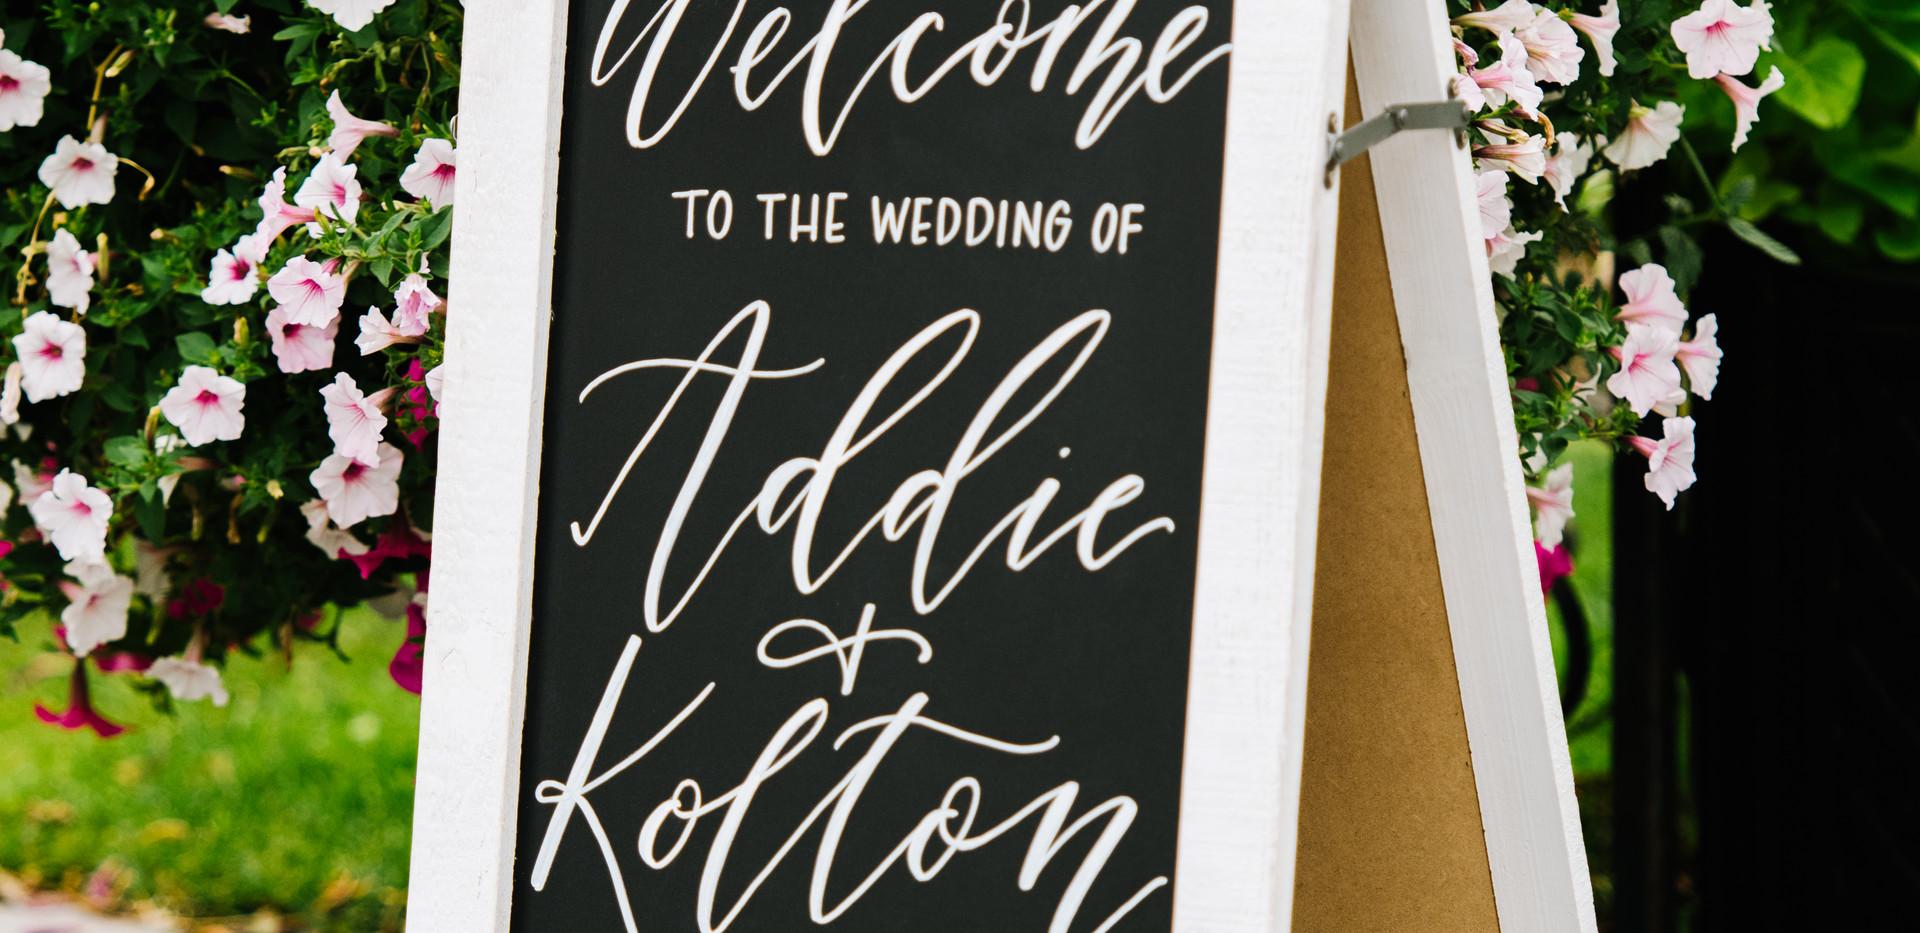 AddieandKolton'sWedding-1.jpg